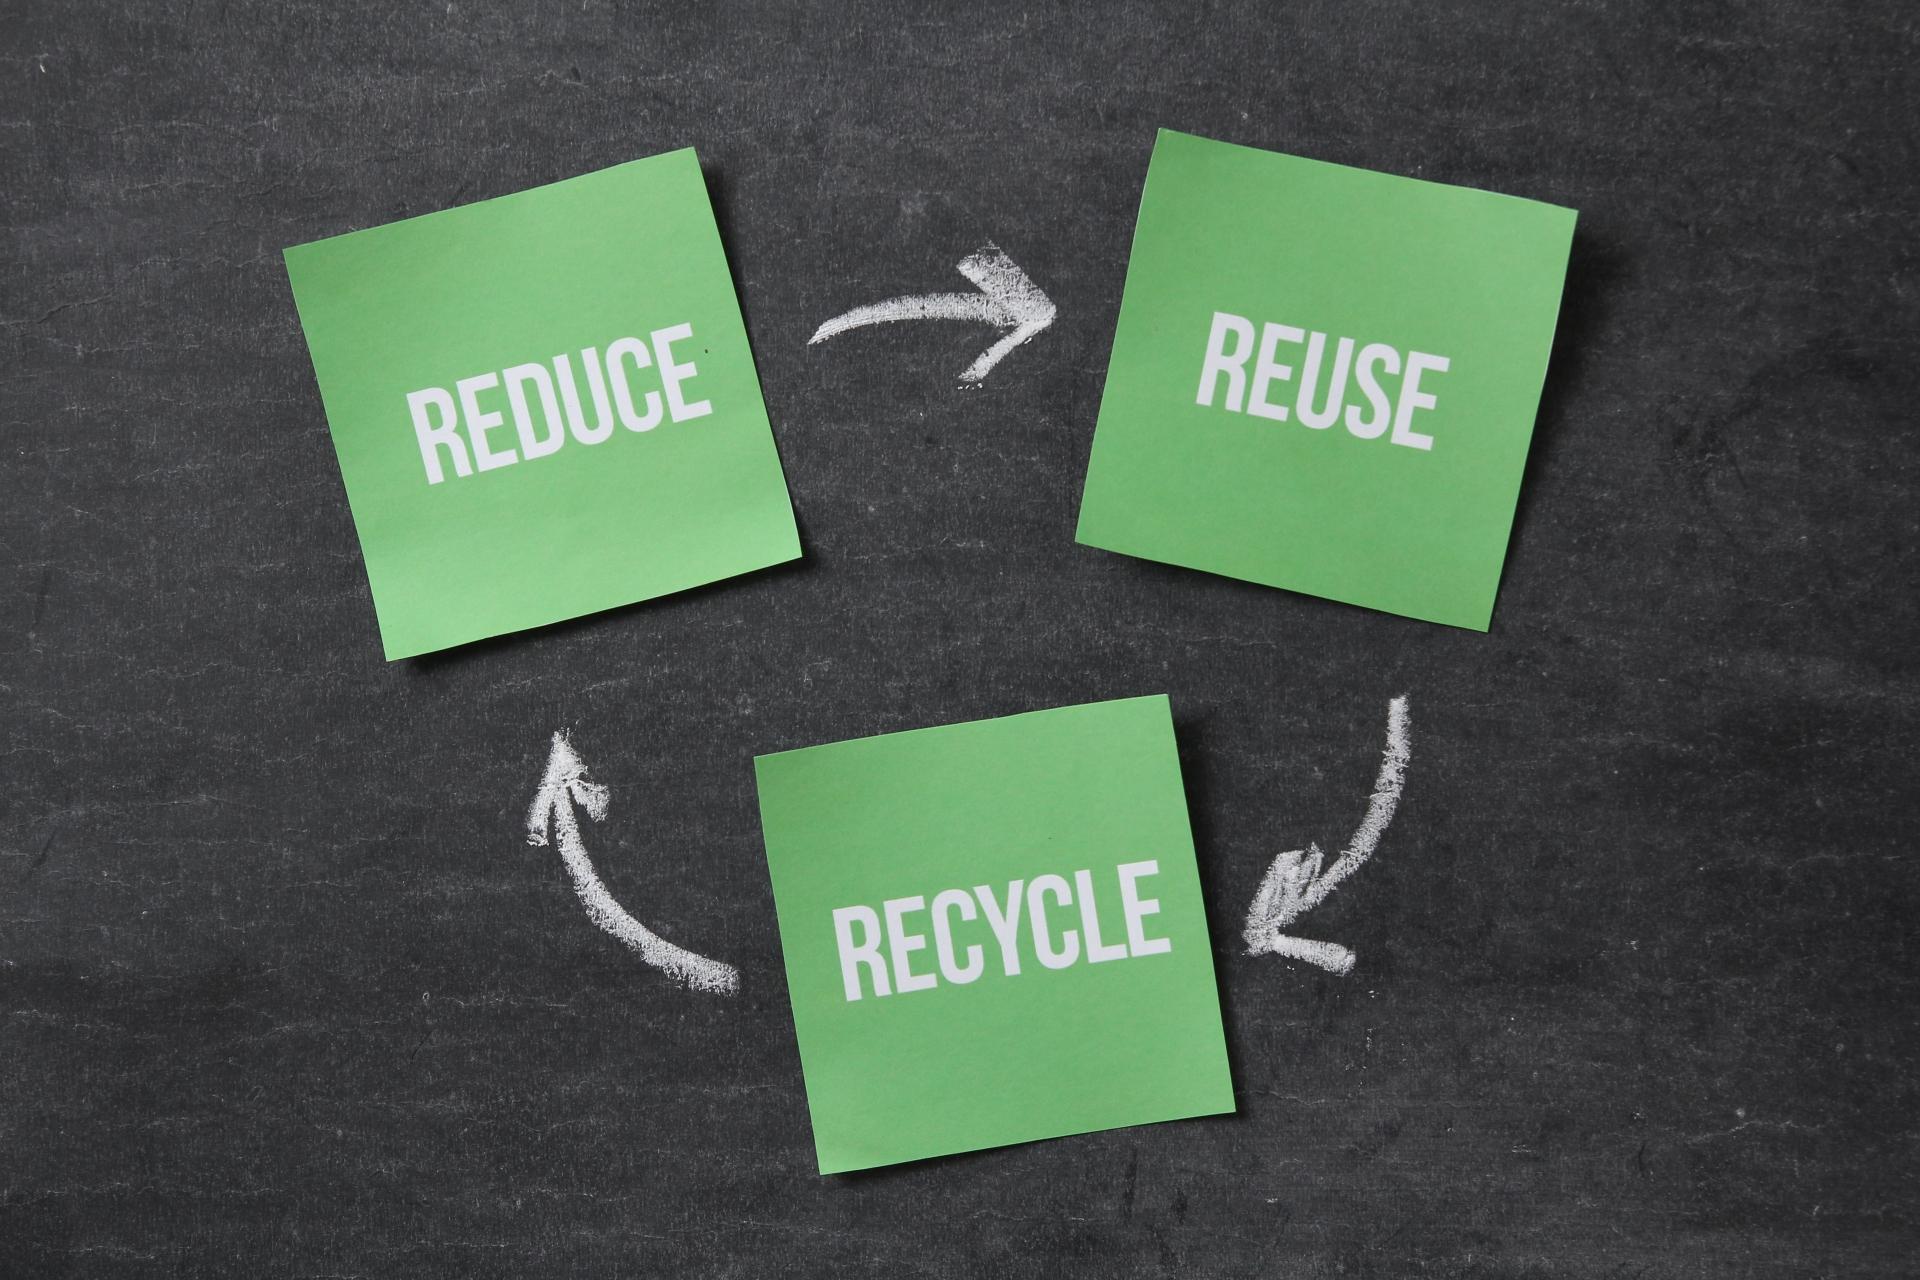 リサイクルとは?